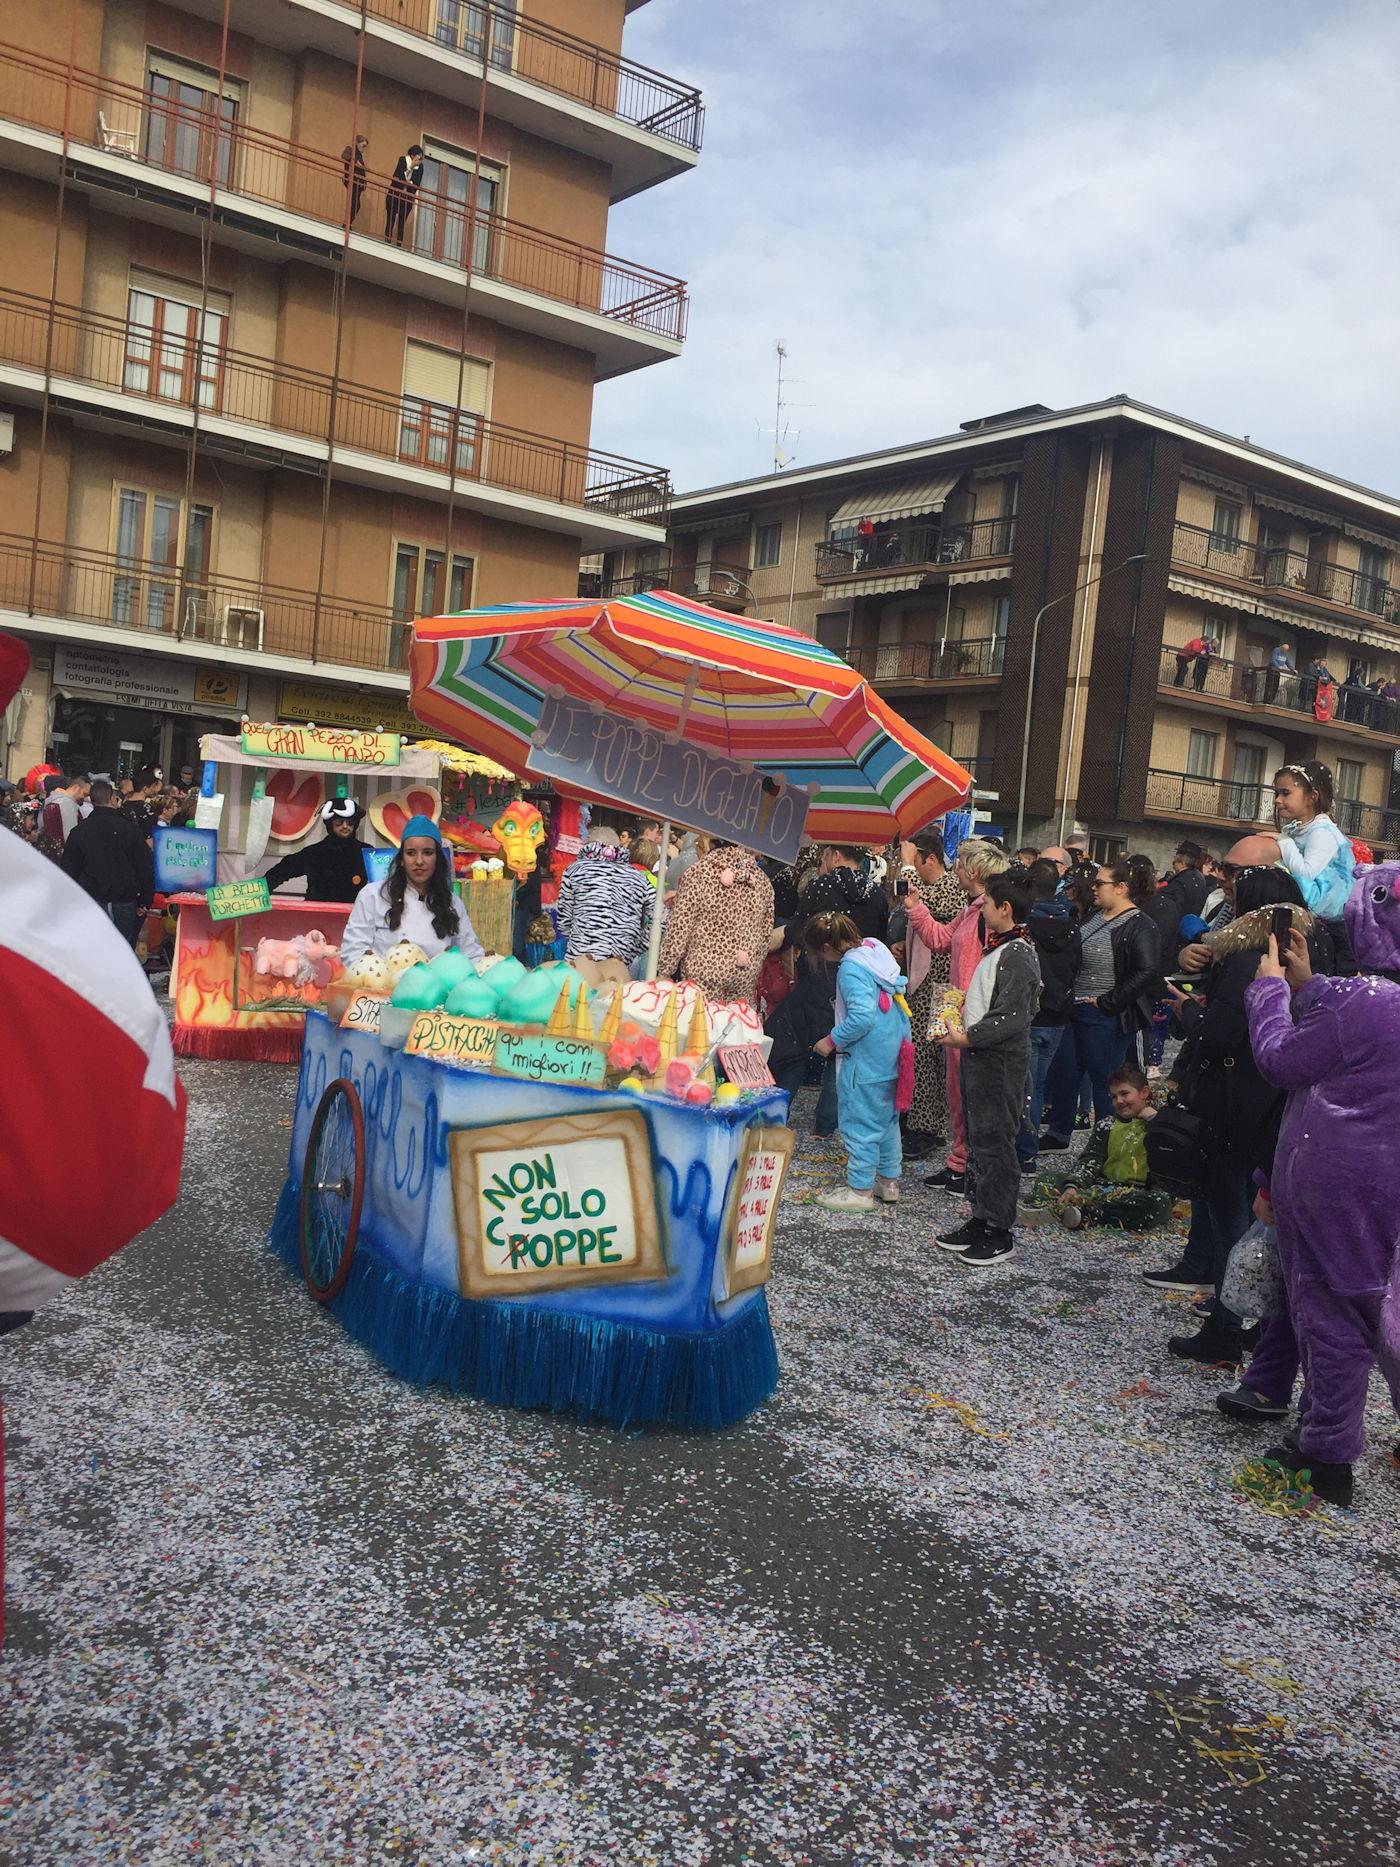 Carnevale di Santhià in camper - Sfilata maschere carro Santhià